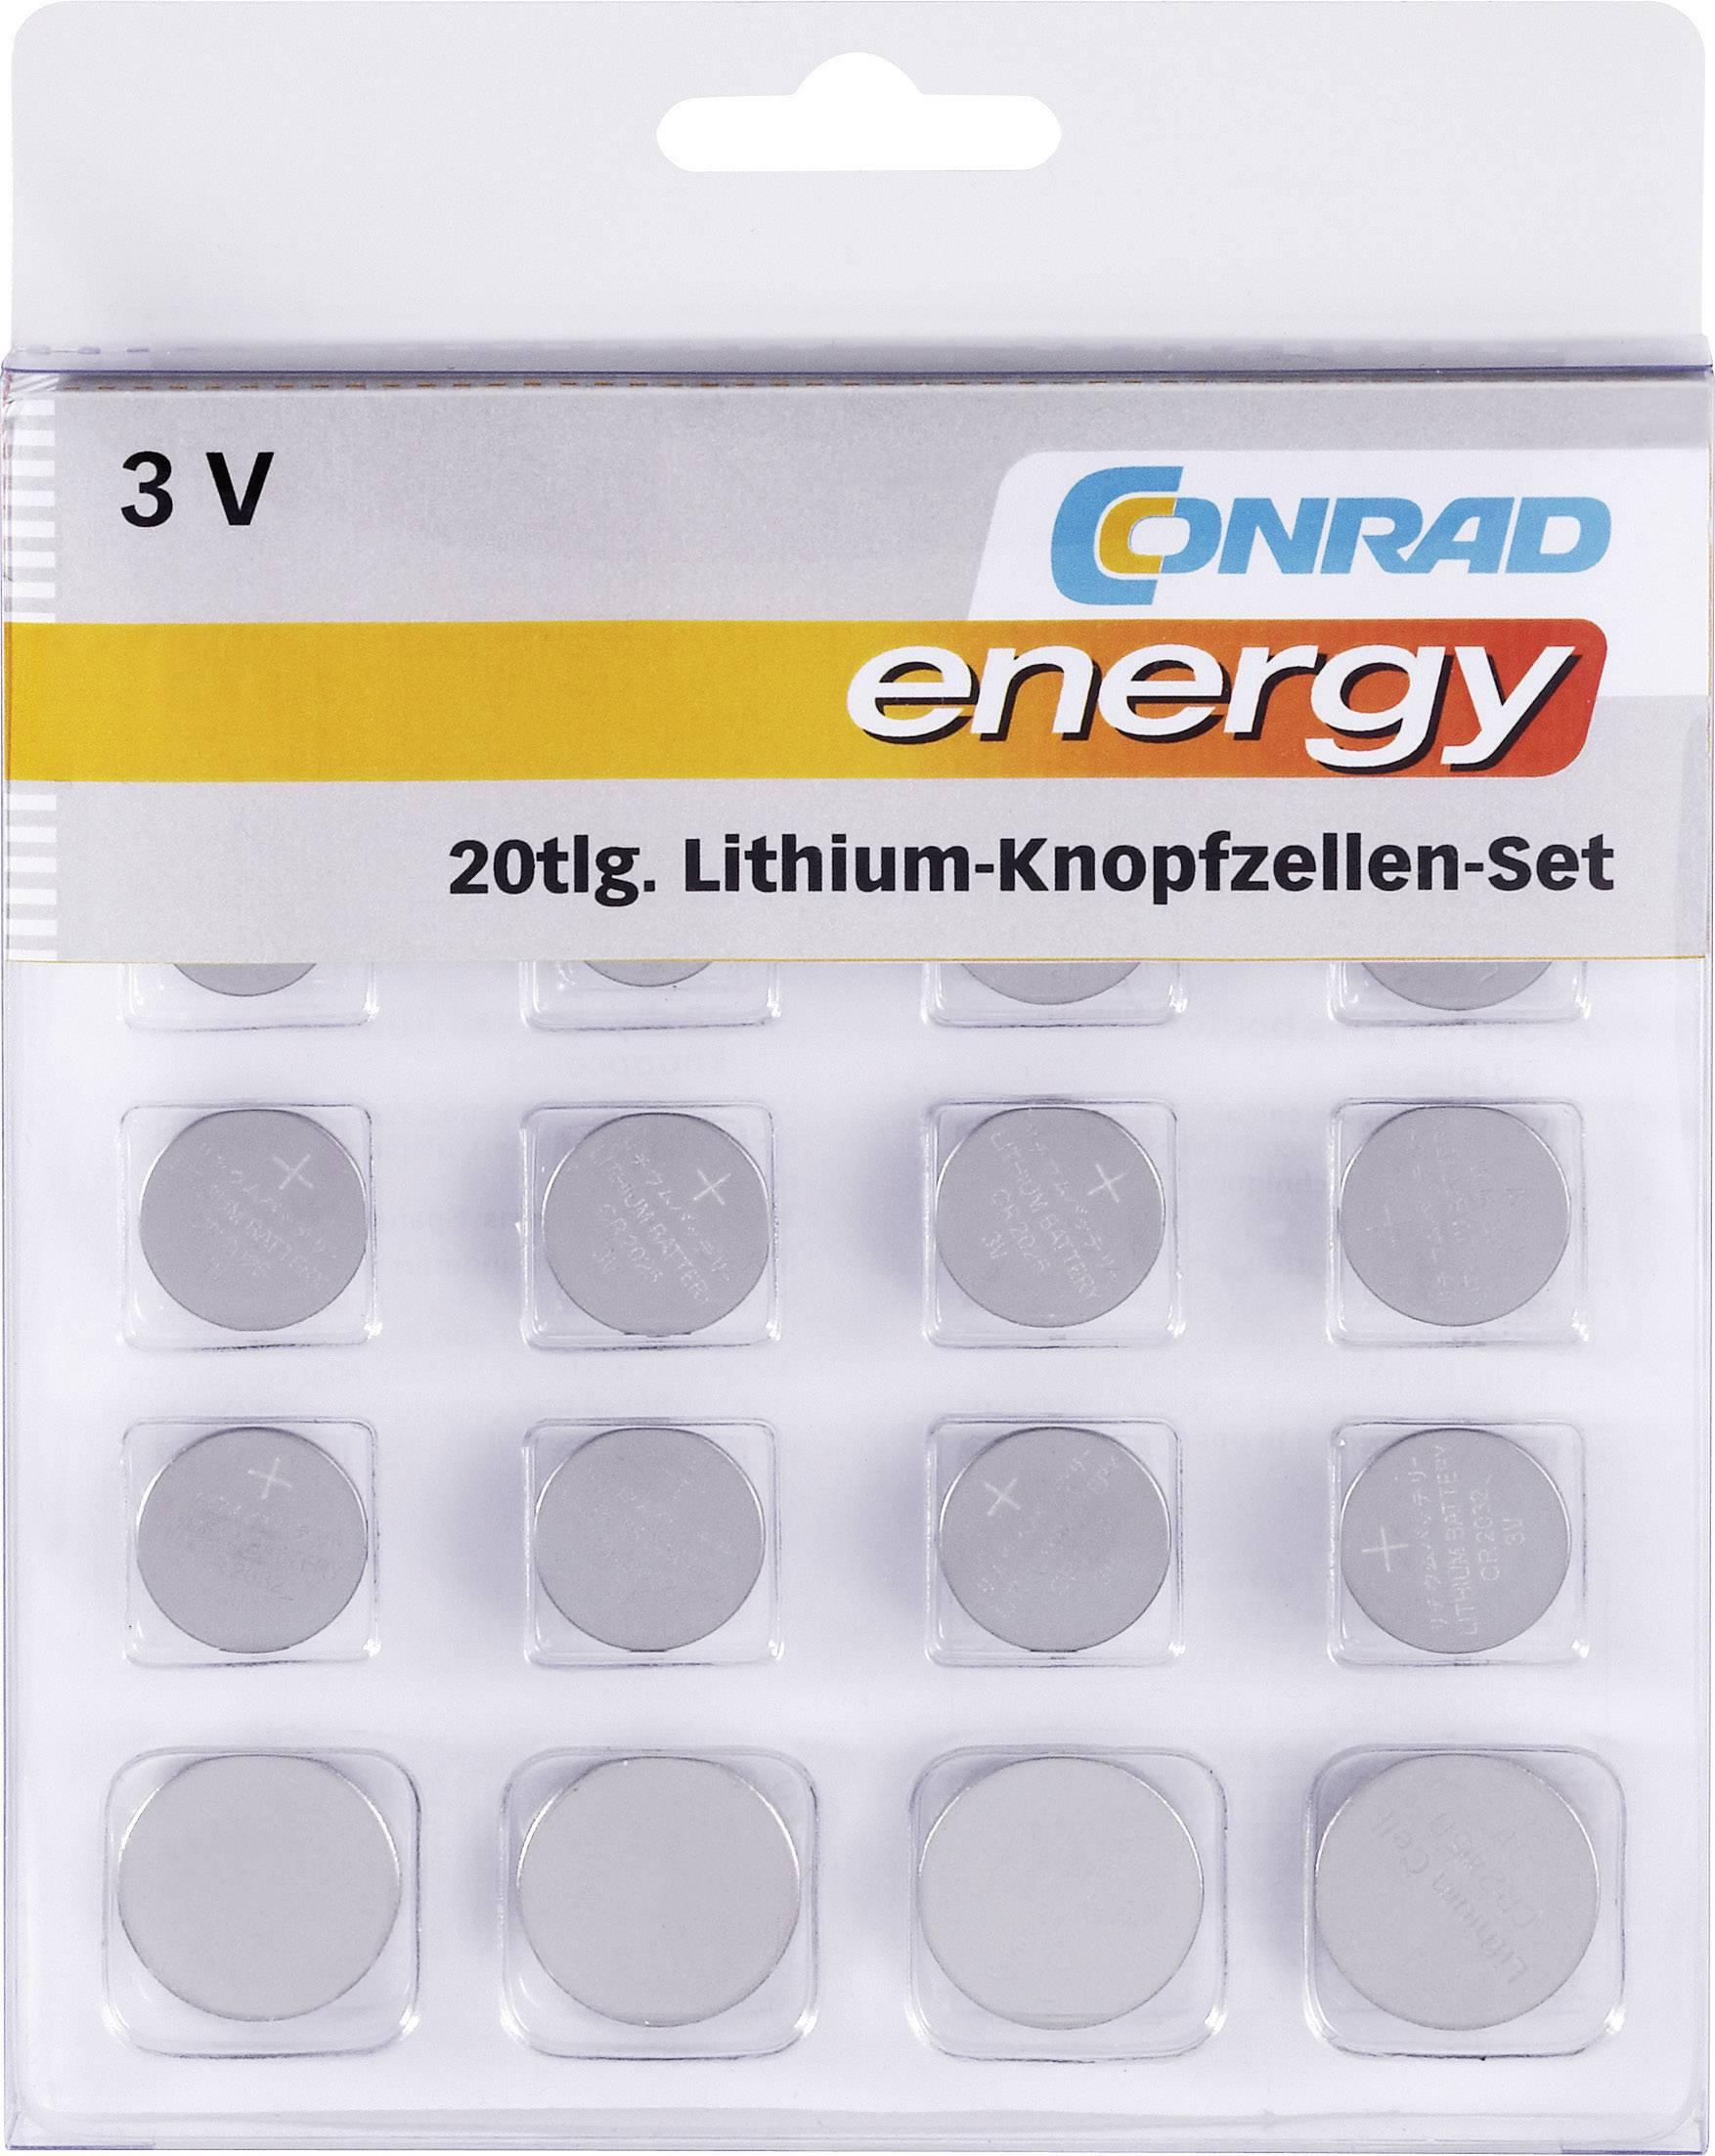 Sada knoflíkových batérií lítium Conrad energy 650675, 20 ks